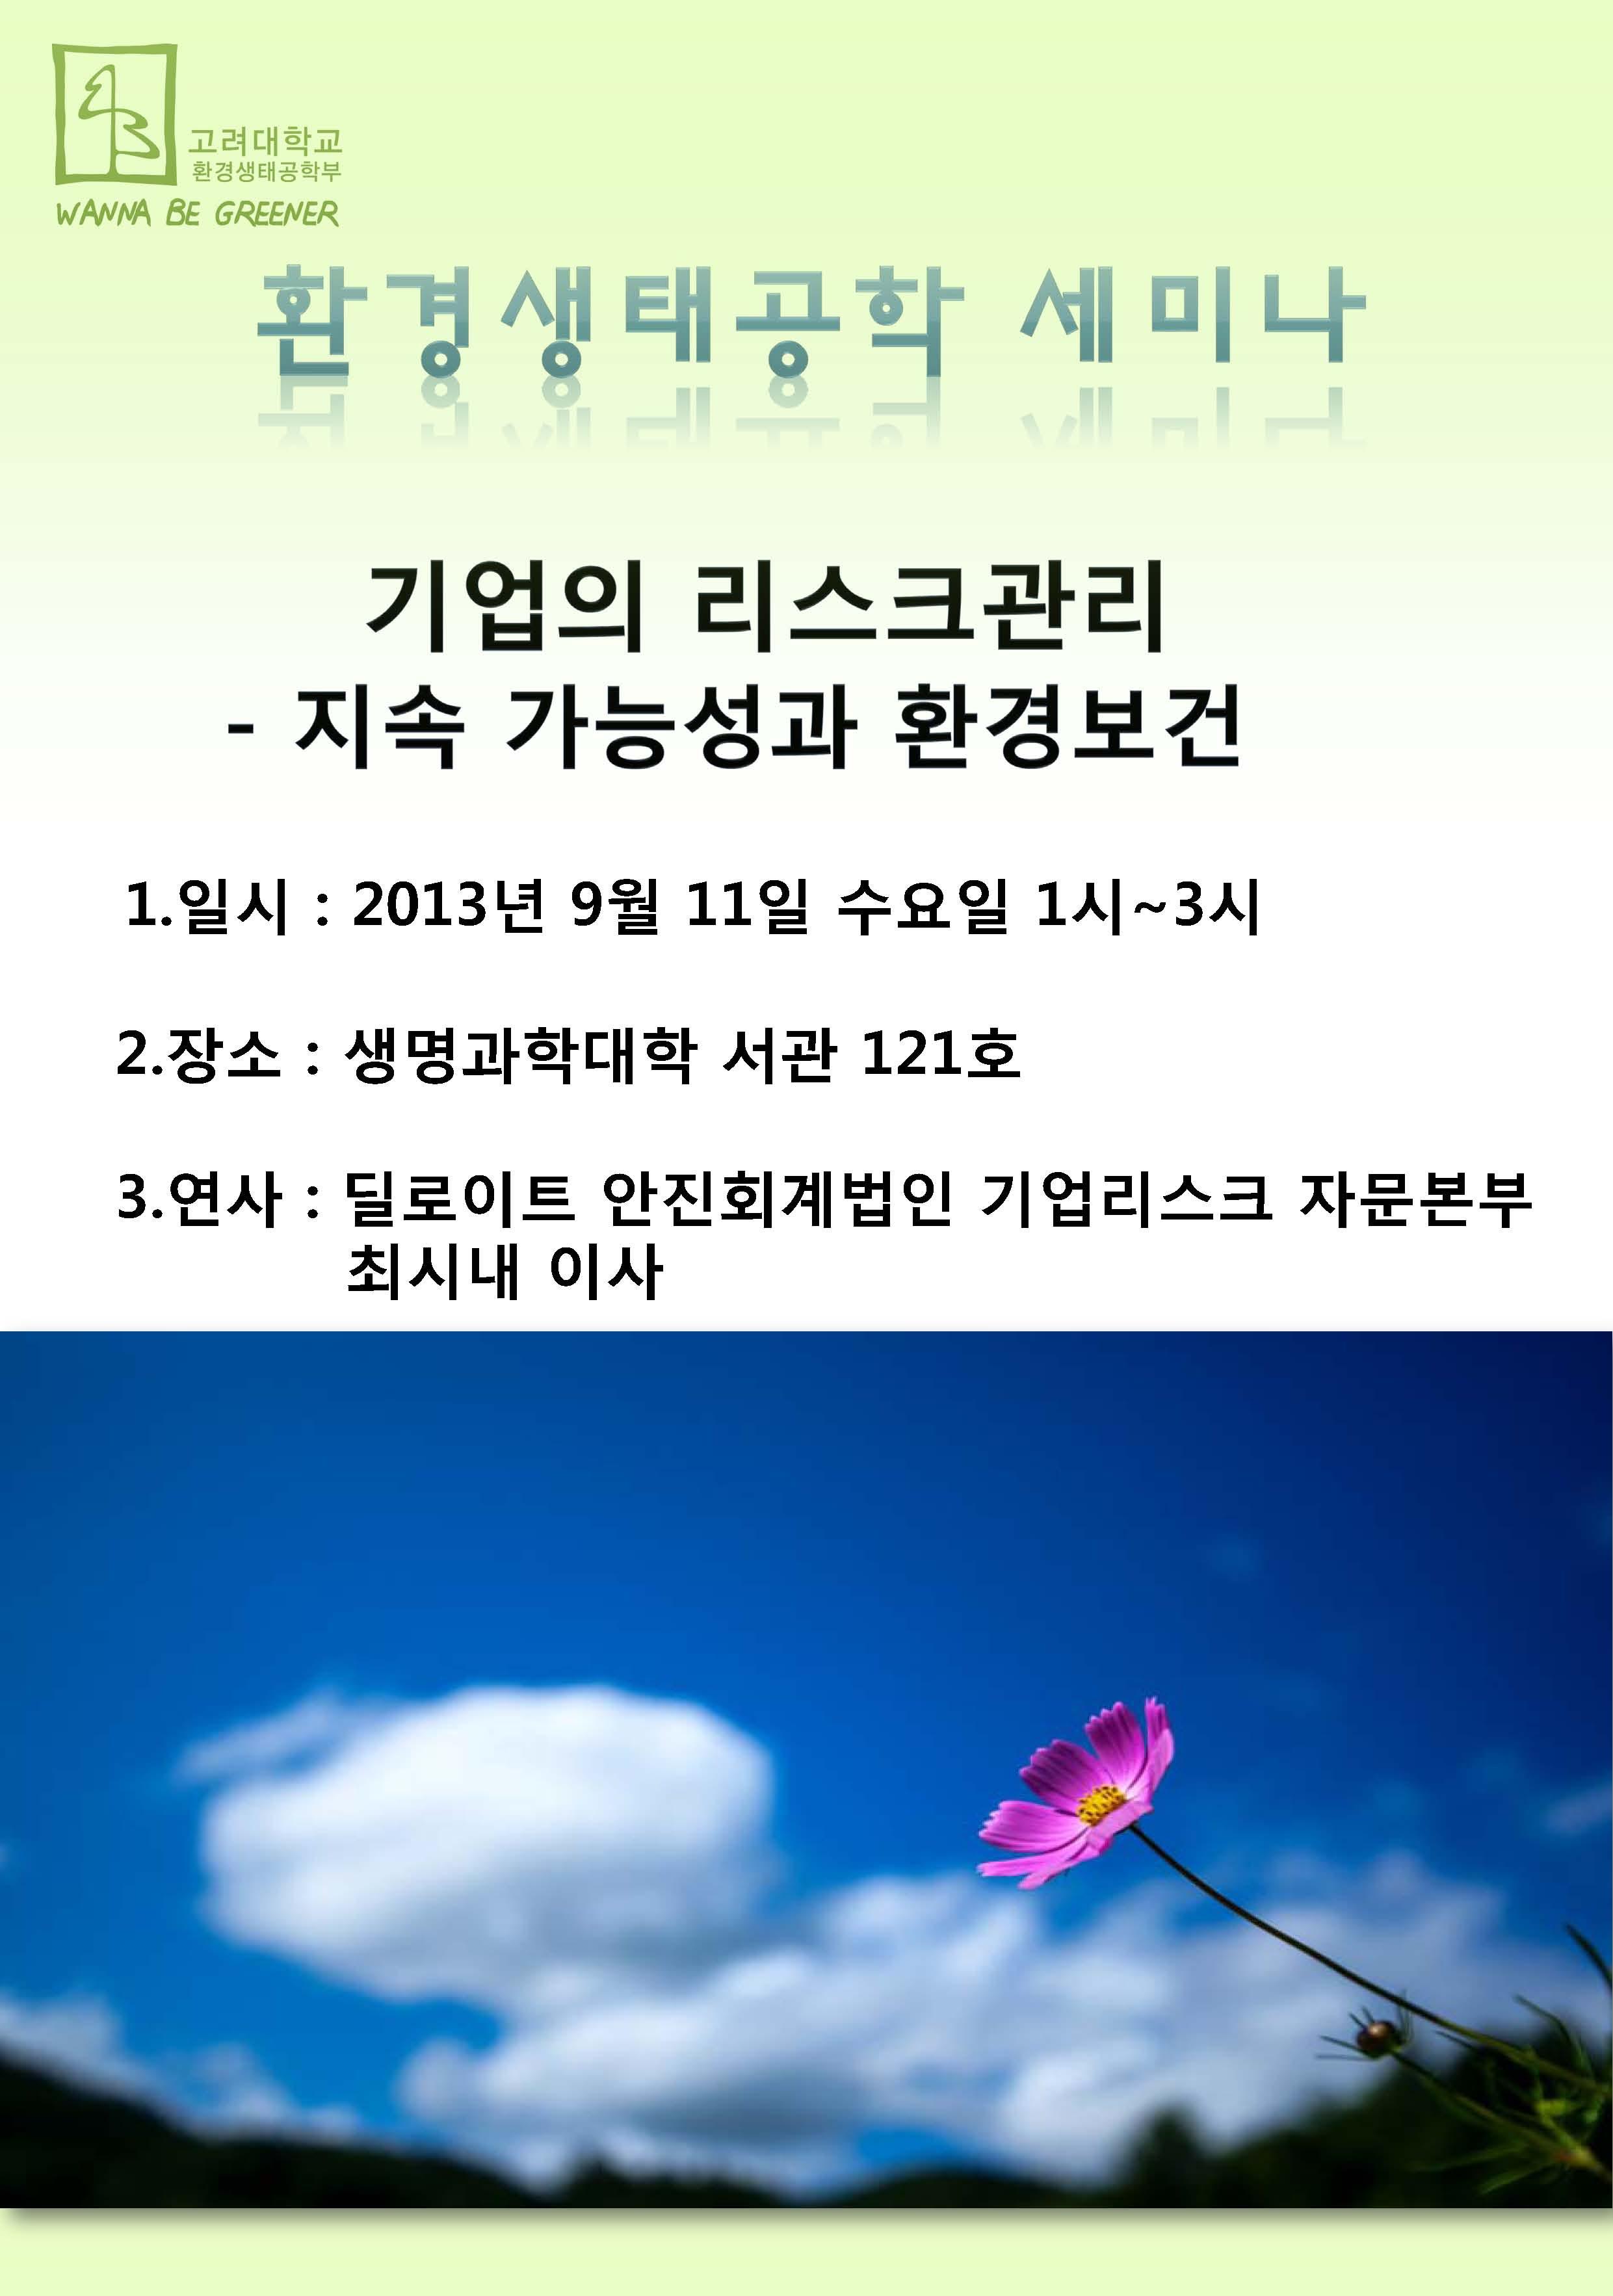 프레젠테이션공지_환경생태공학세미나_20130911